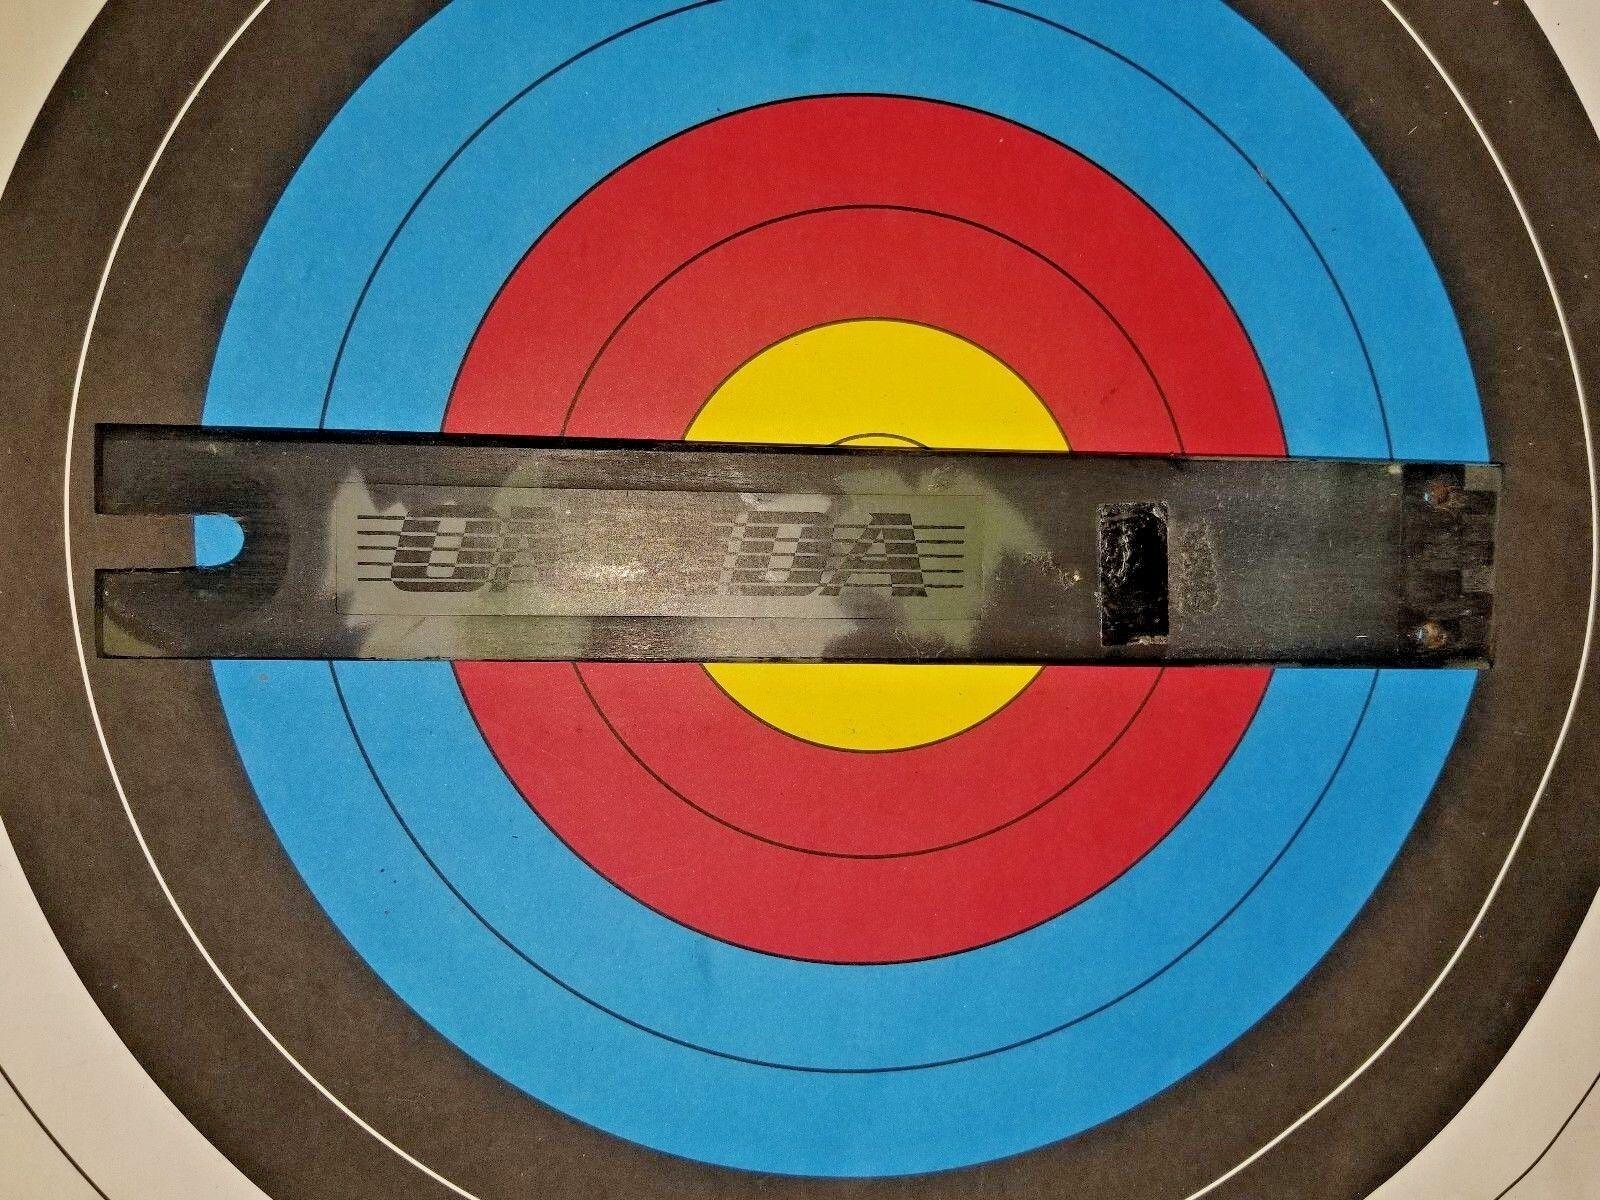 Oneida Eagle Archery estilo H potencia de las extremidades (single) de un águila gritando